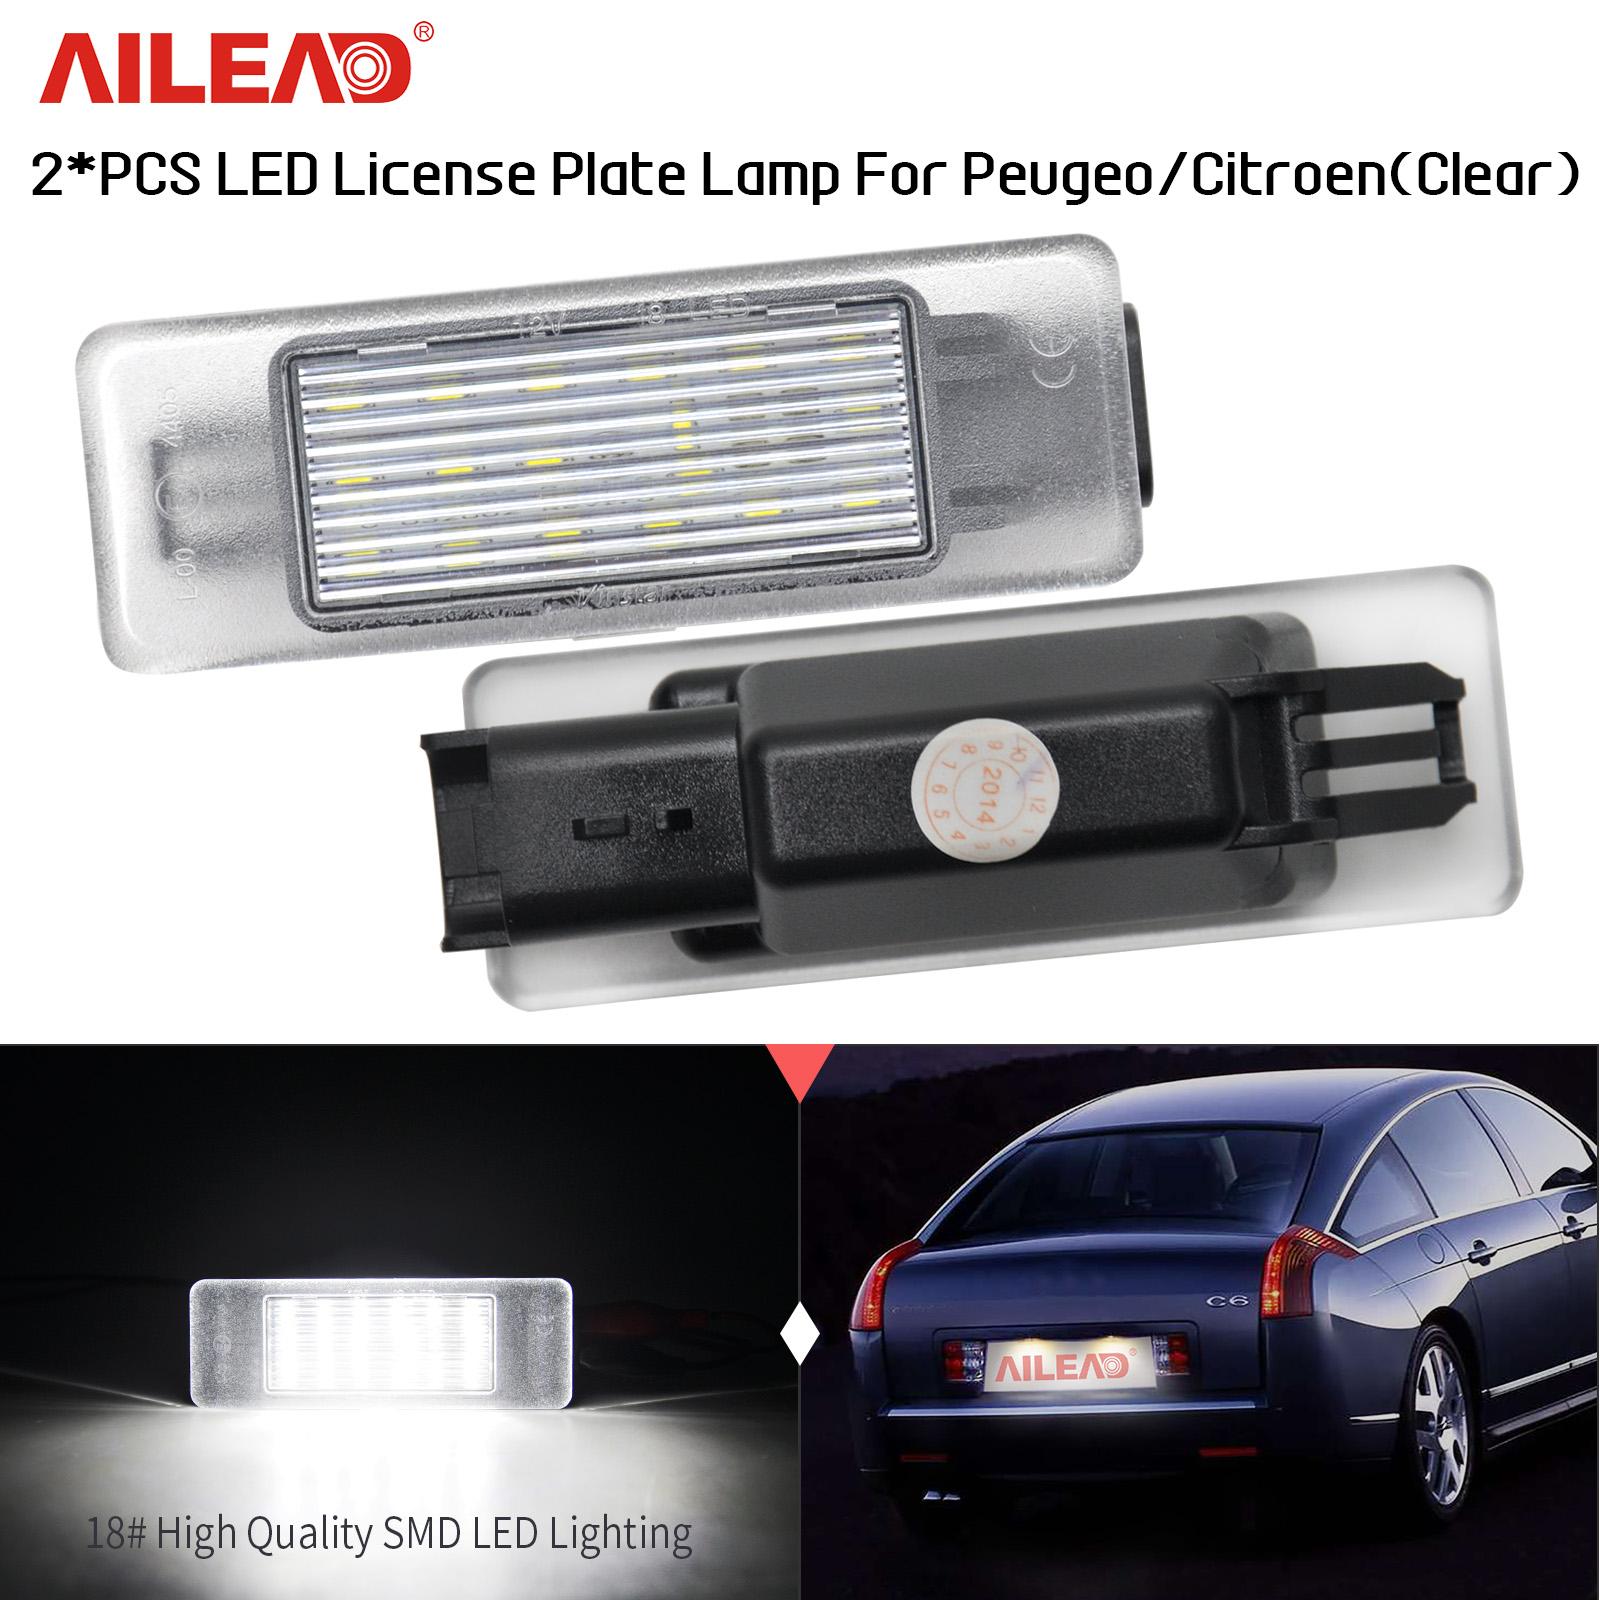 Details About 2 Rear Led License Number Plate Lamp For Peugeot Citroen Hatchback Crossover